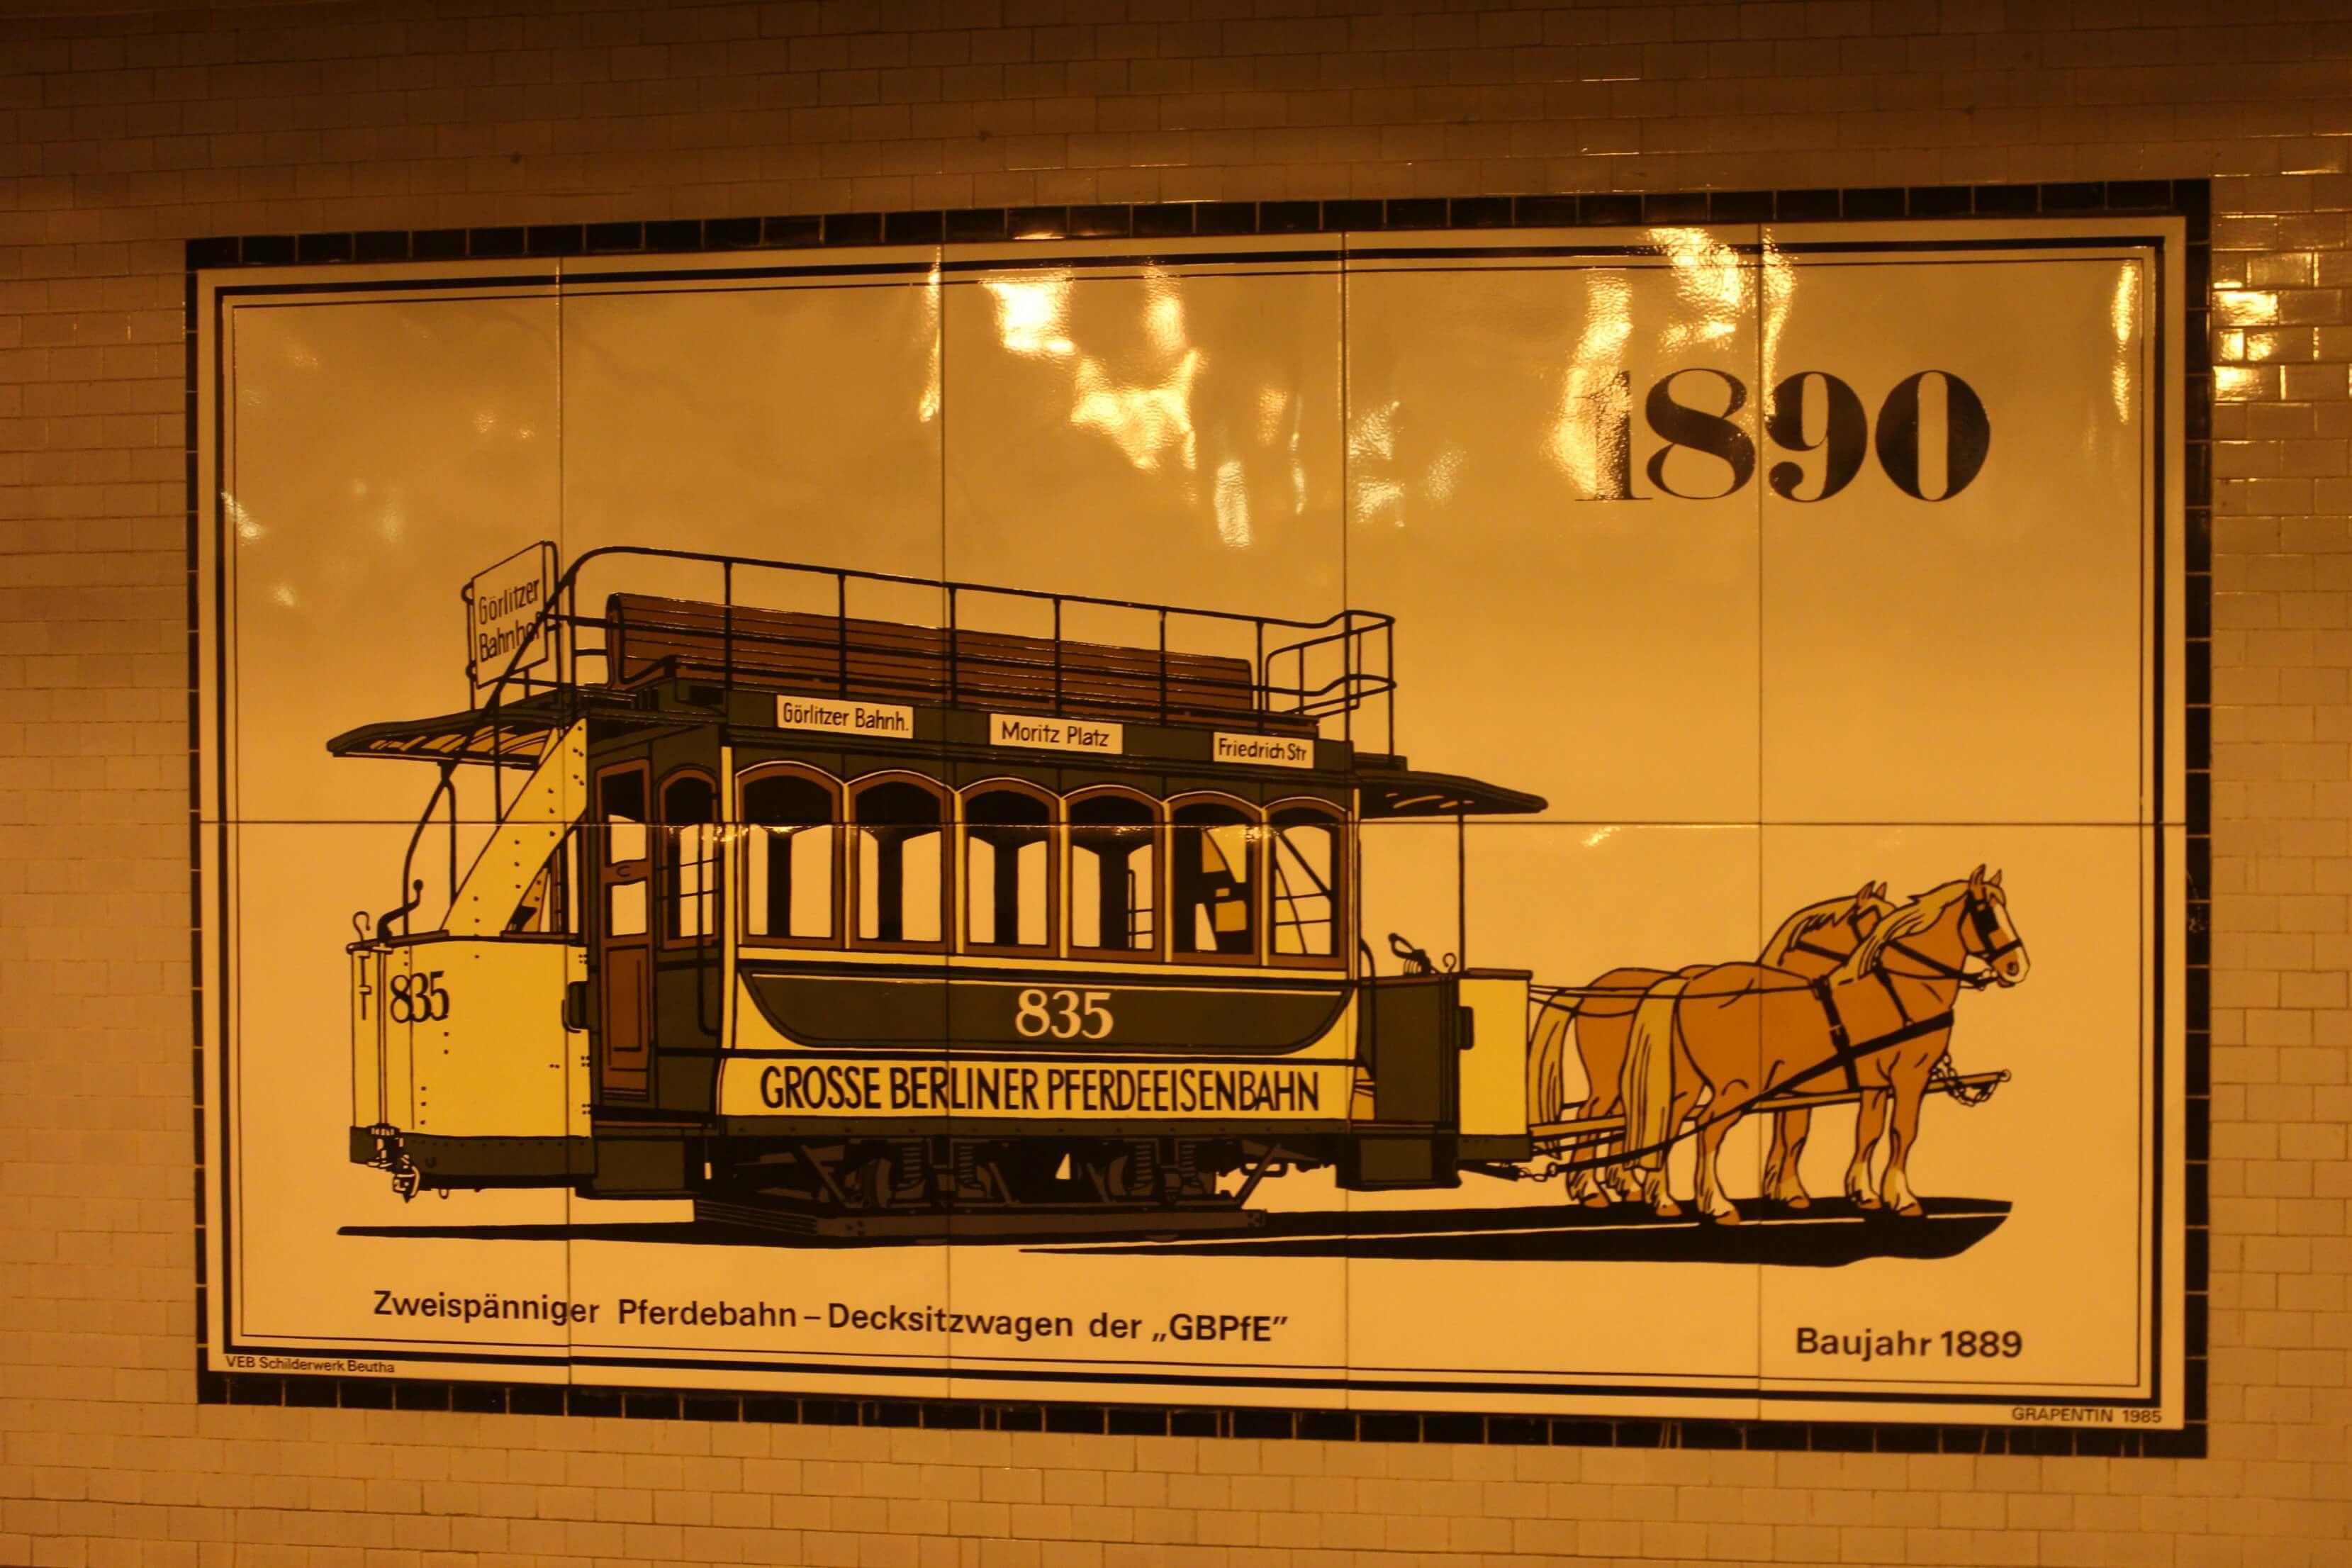 Openbaar vervoer Berlijn 1890